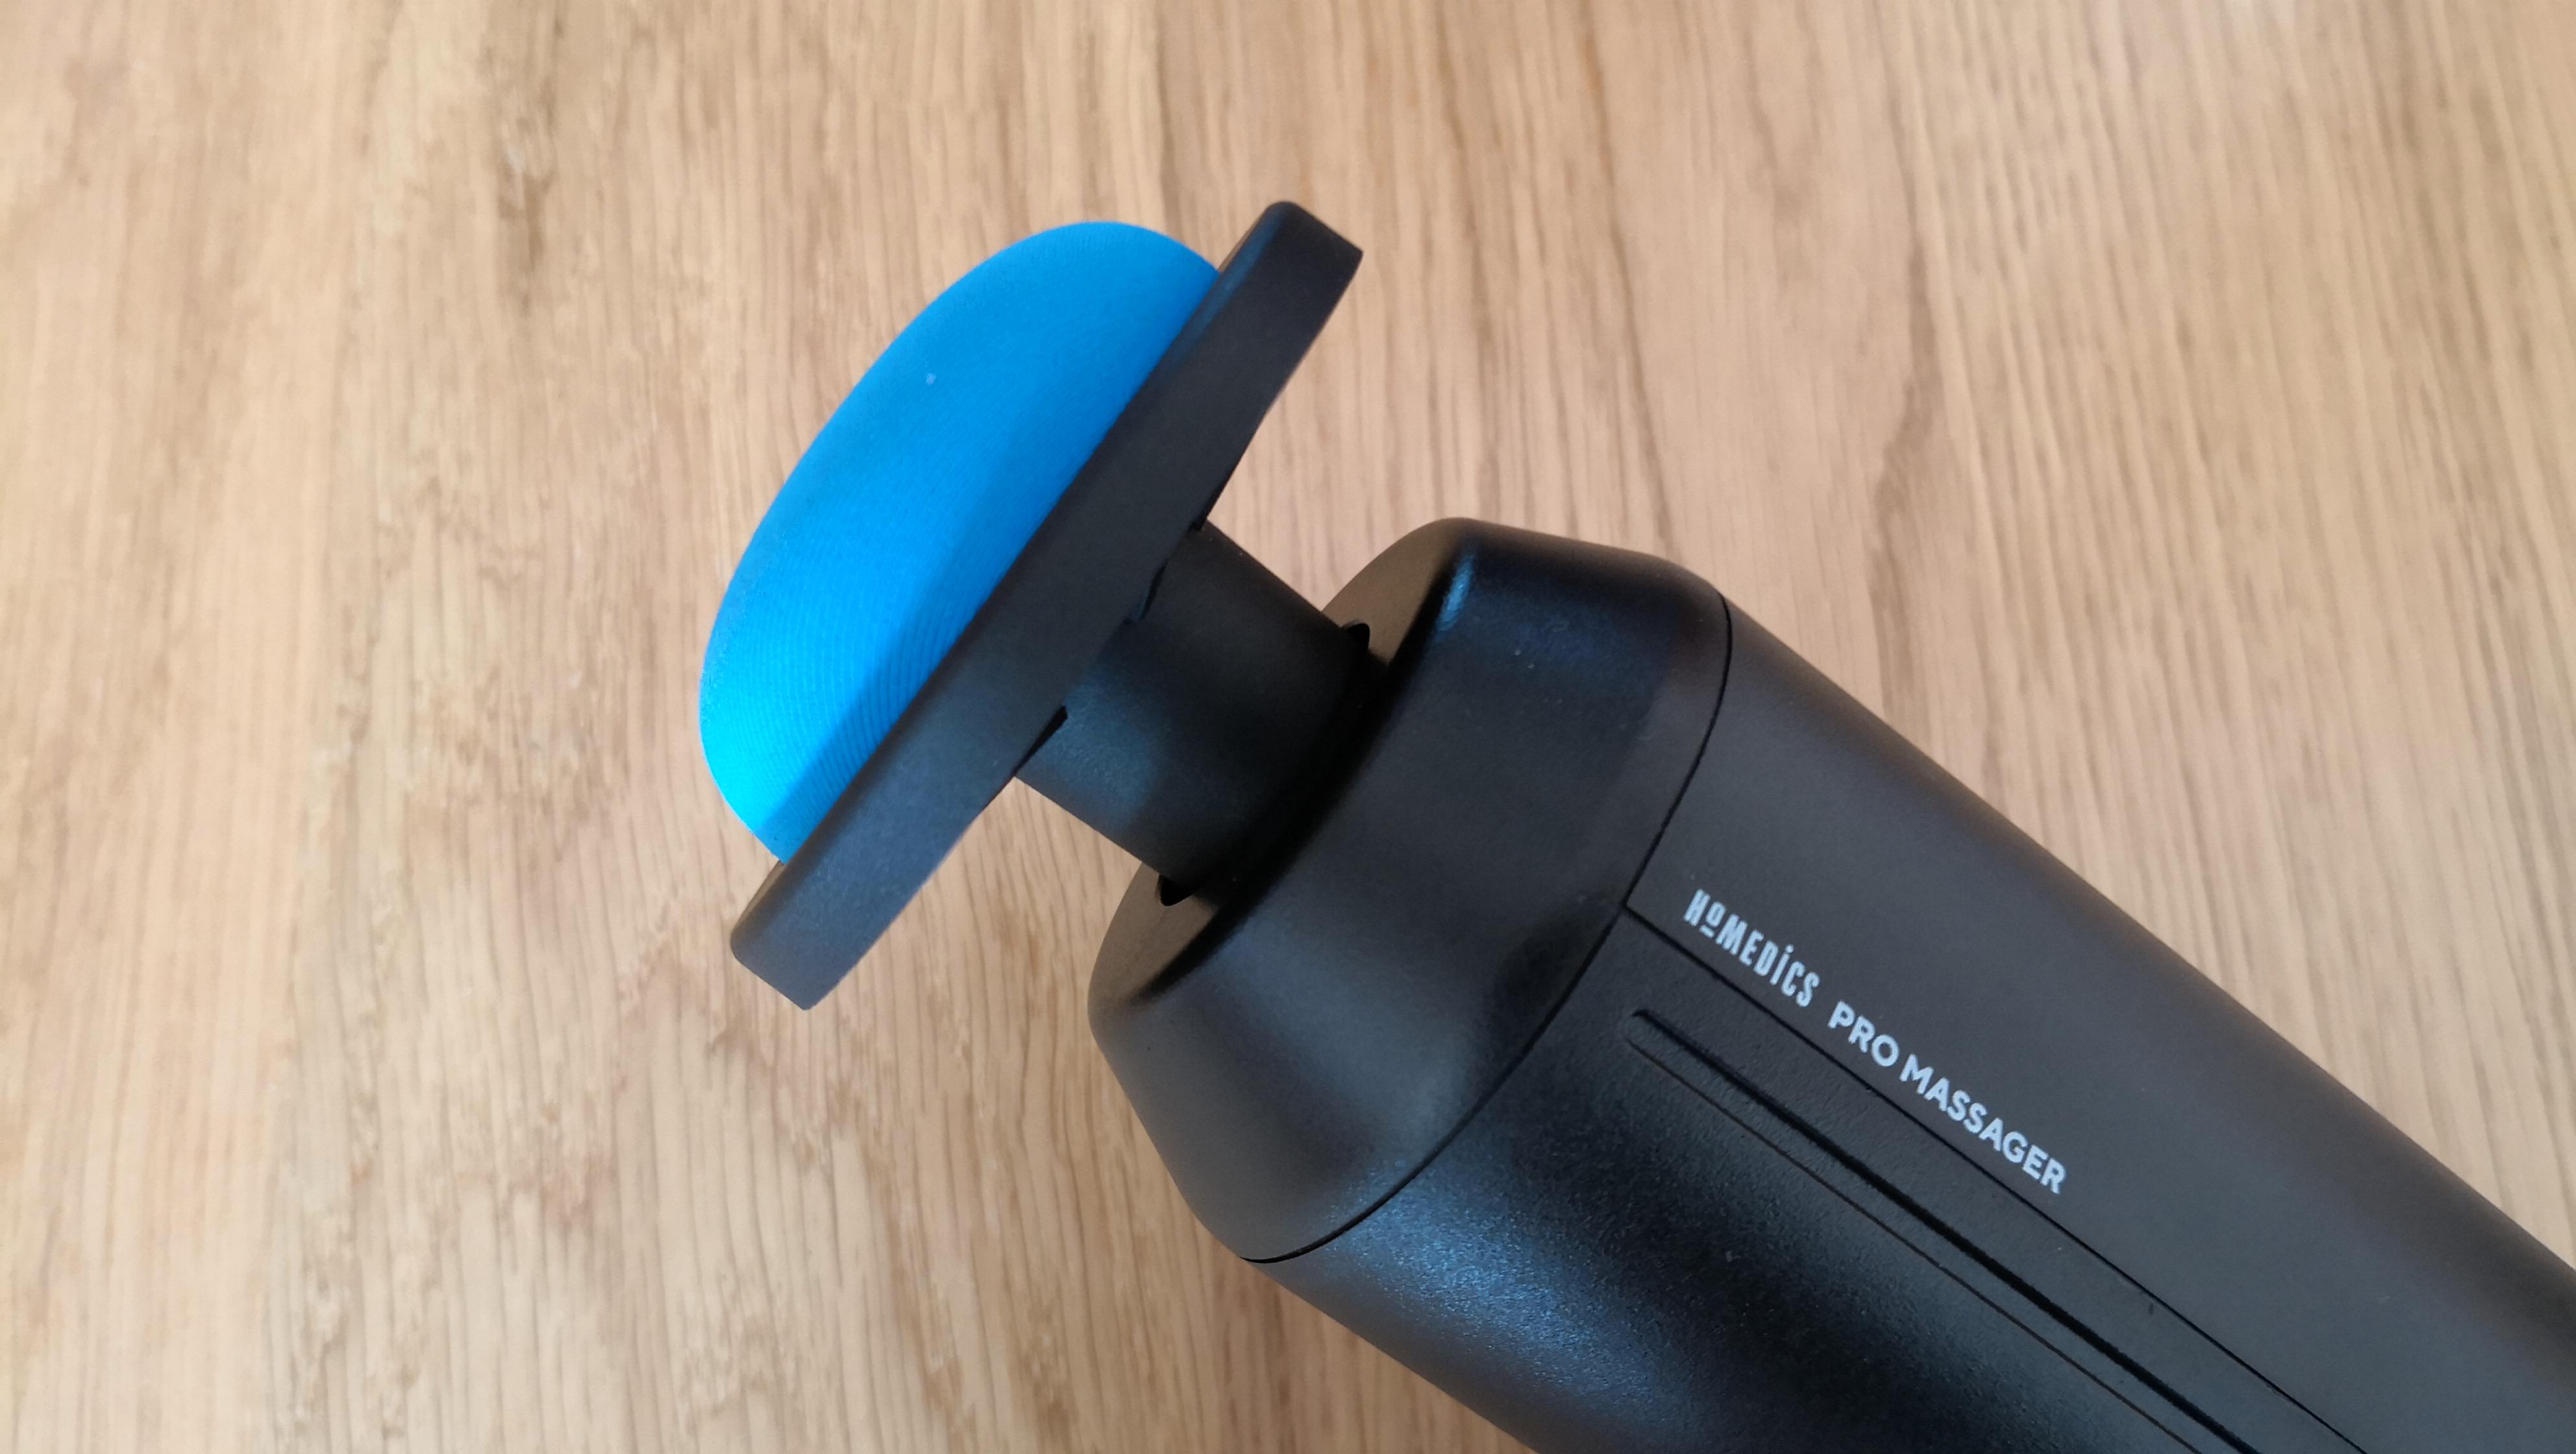 HoMedics Pro Physio Massage Gun